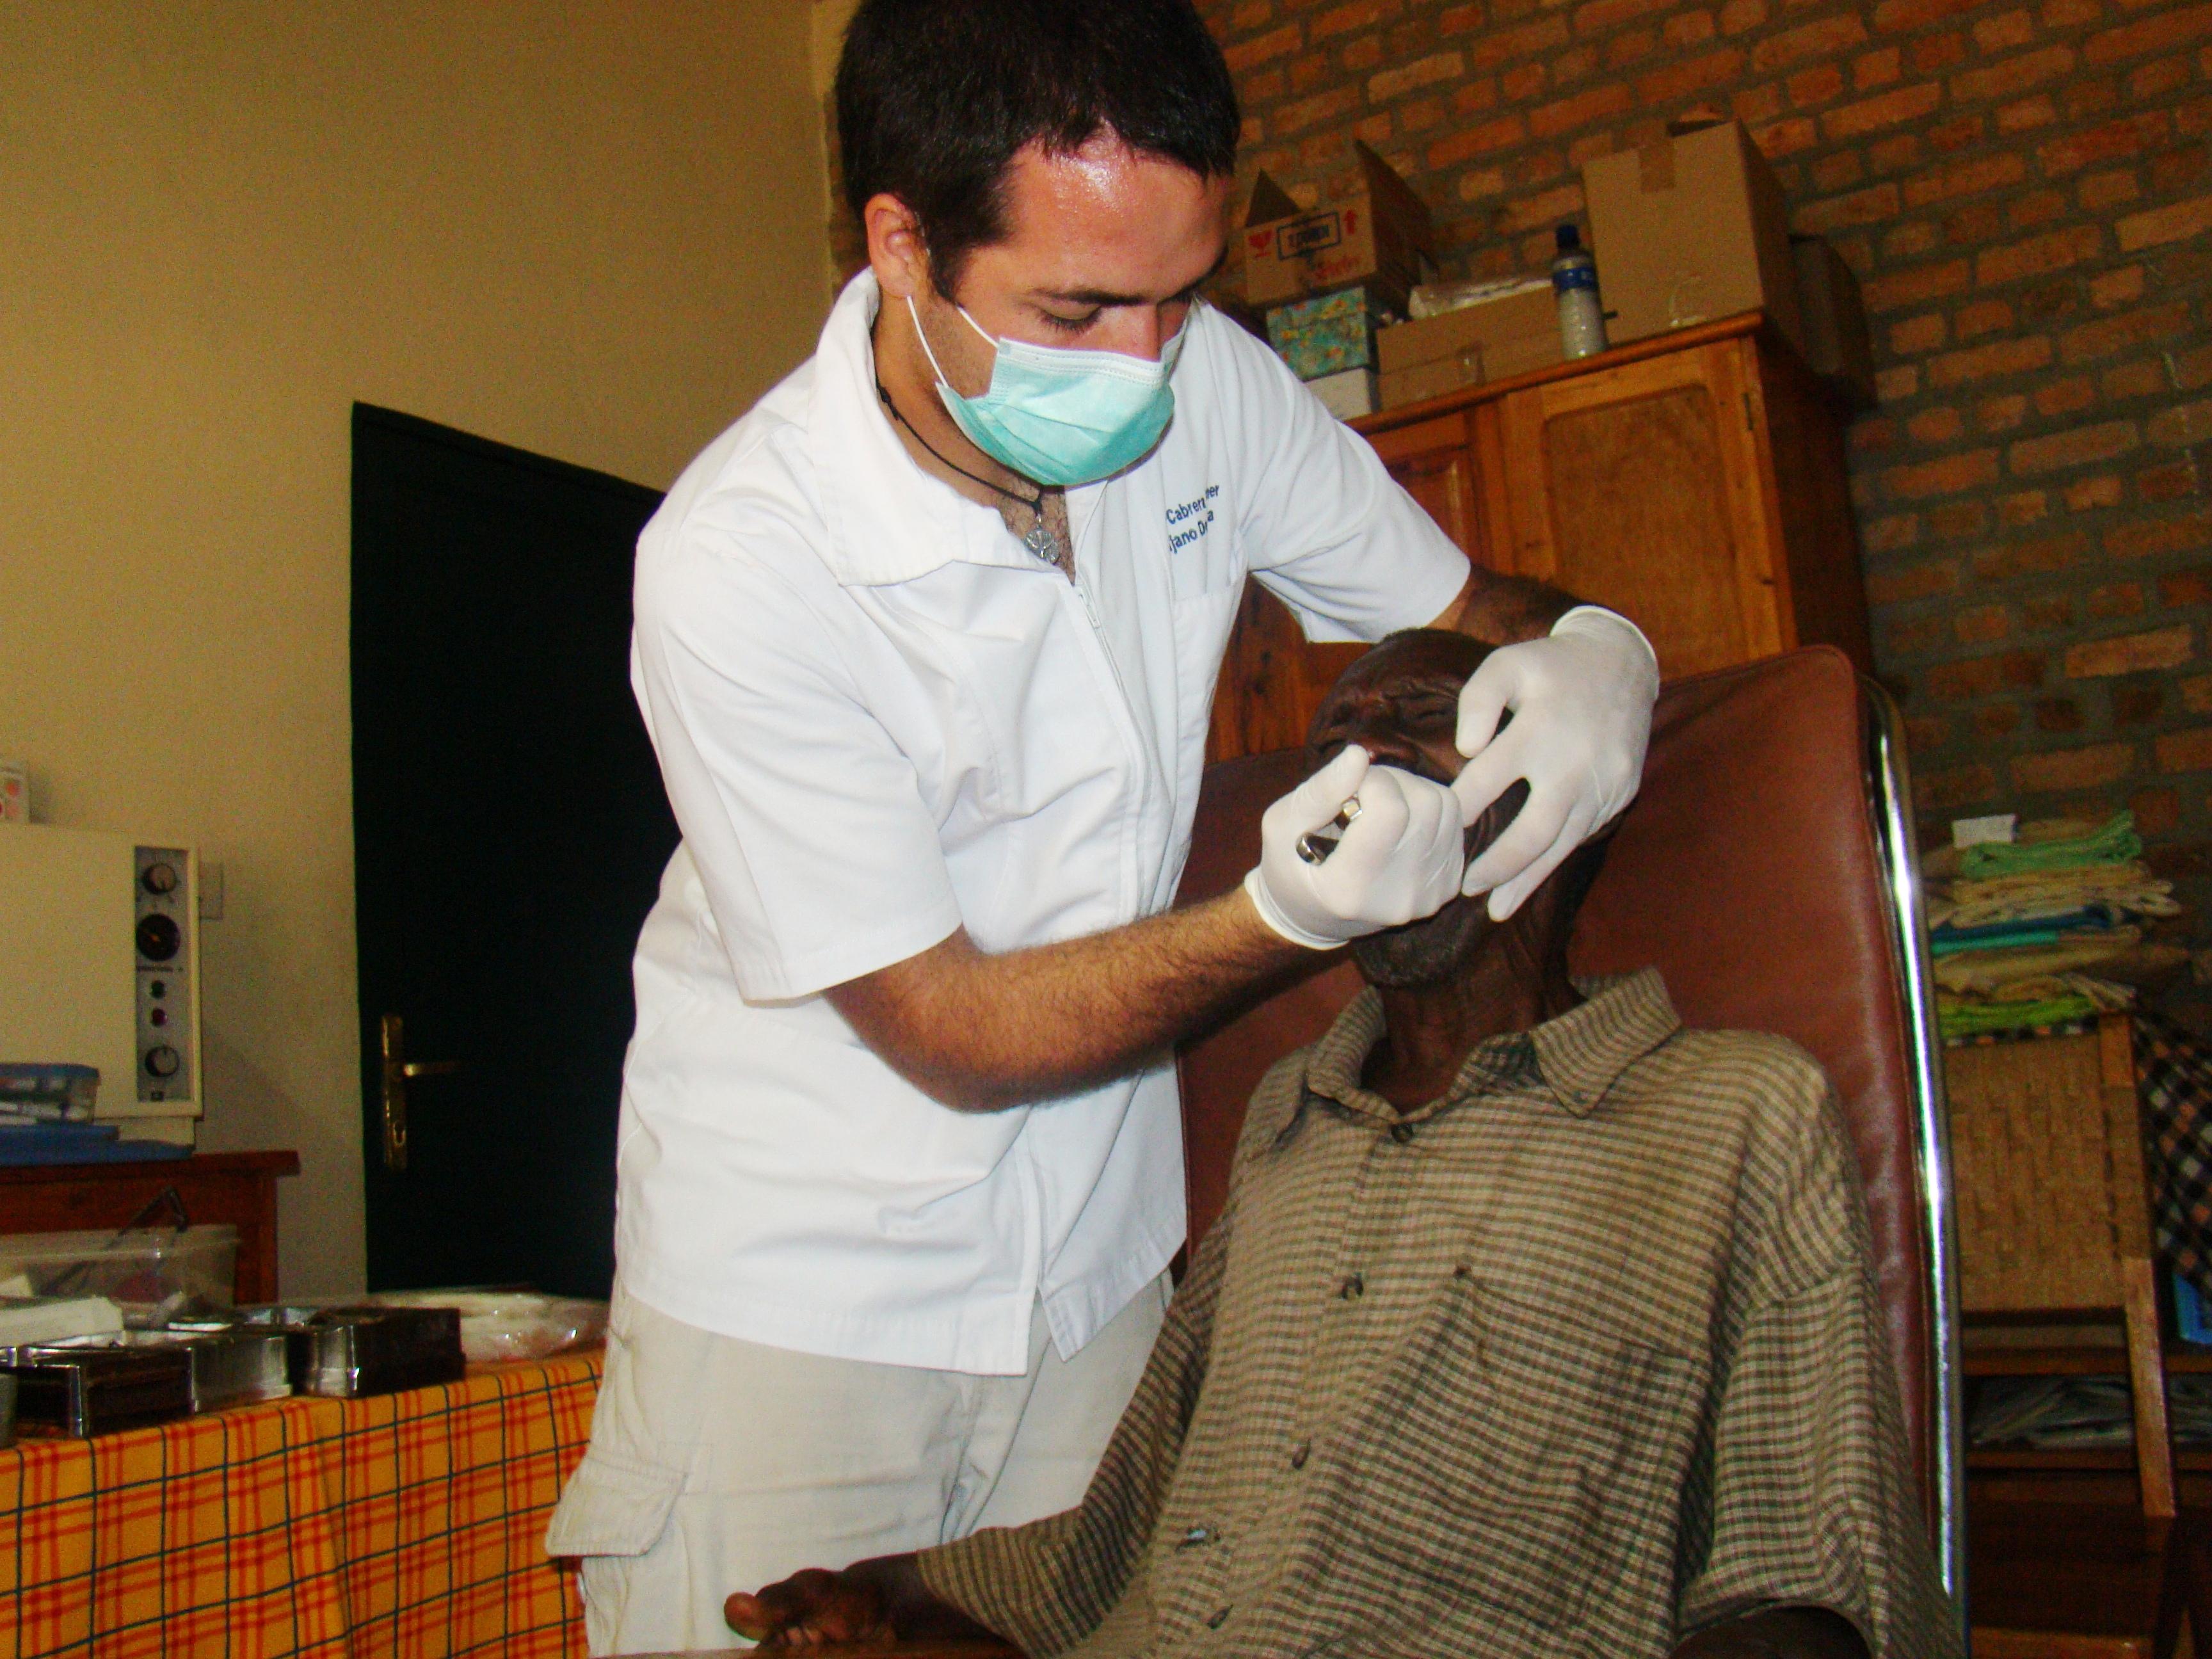 Joven odontólogo, embajador de la solidaridad en África